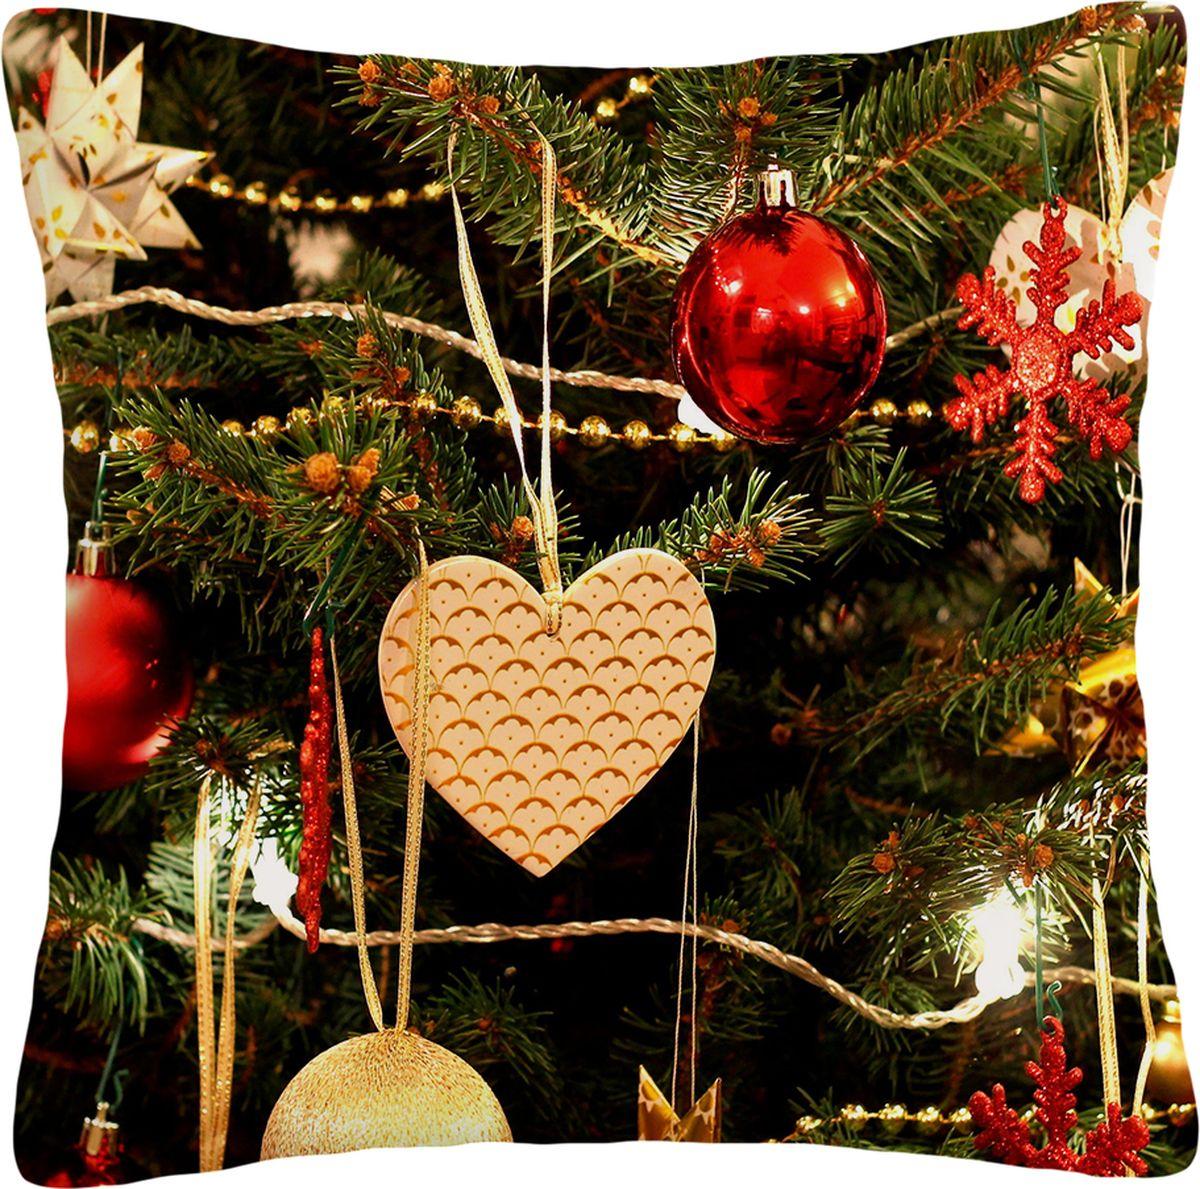 Подушка декоративная Сирень Новогоднее сердце, 40 х 40 смПШГБ012-10392Фотоподушка с ярким и стильным двусторонним принтом сможет не только украсить ваш интерьер, но и станет оригинальным подарком для друзей и близких. Подушка декоративная, цельная, размер 40*40см (+/-2 см), материал подушки габардин, наполнитель холлофайбер. Принт двухсторонний. Стирать при 30С, не отбеливать. Цвет изделия может немного отличаться от представленного на фото.